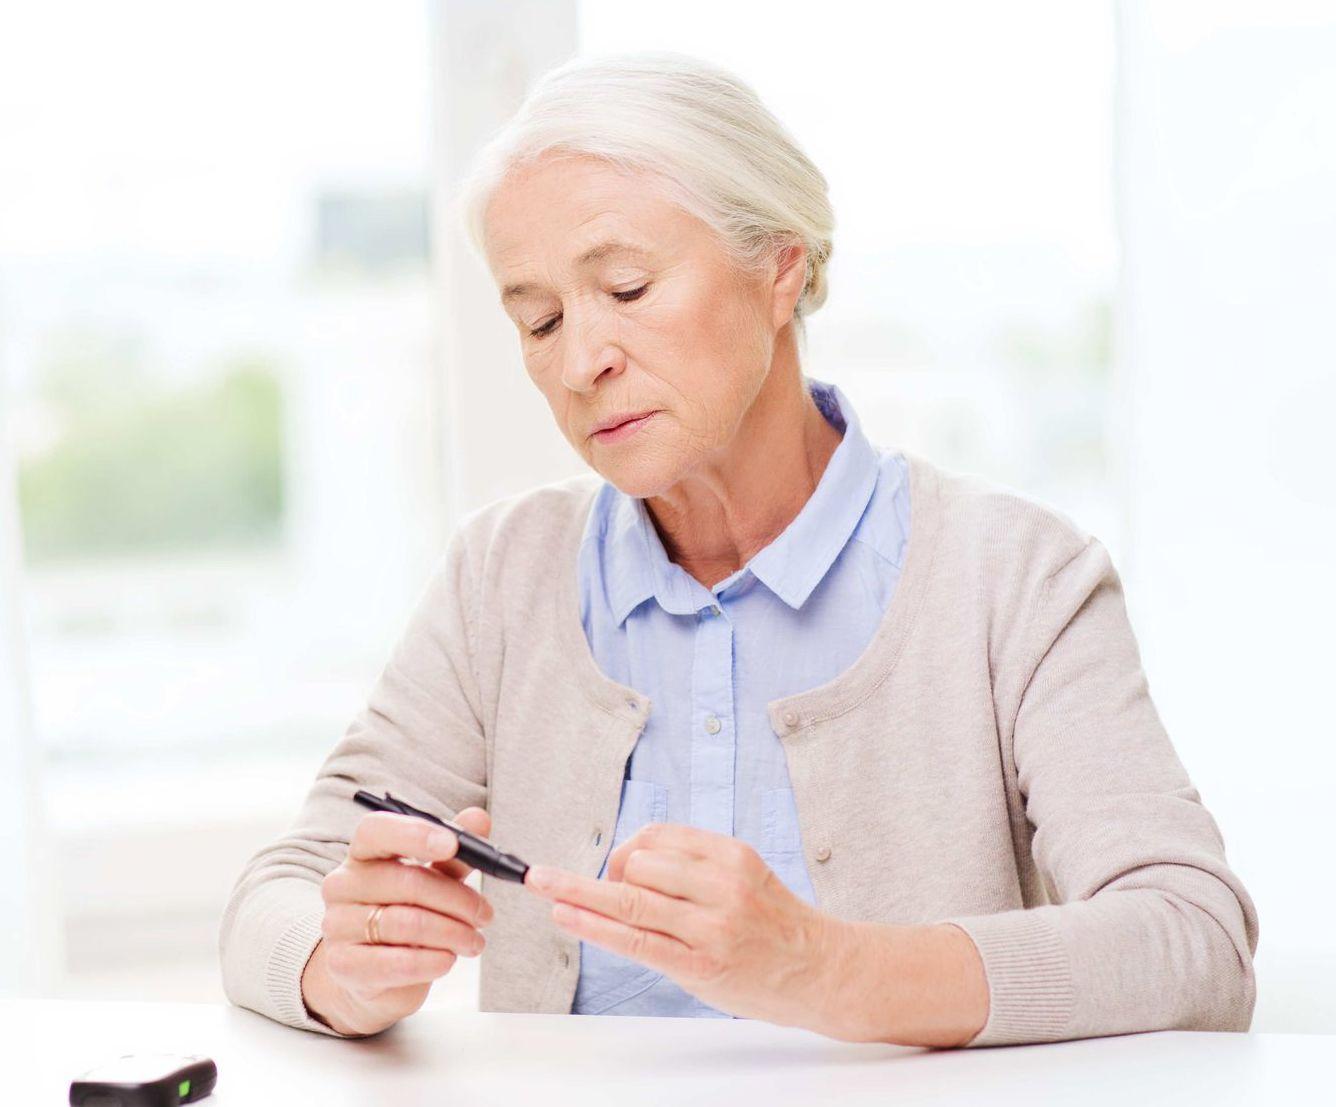 Poznáme viacero faktorov, ktoré zvyšujú riziko vzniku cukrovky. Medzi inými dedičnosť, vek a sedavý spôsob života.